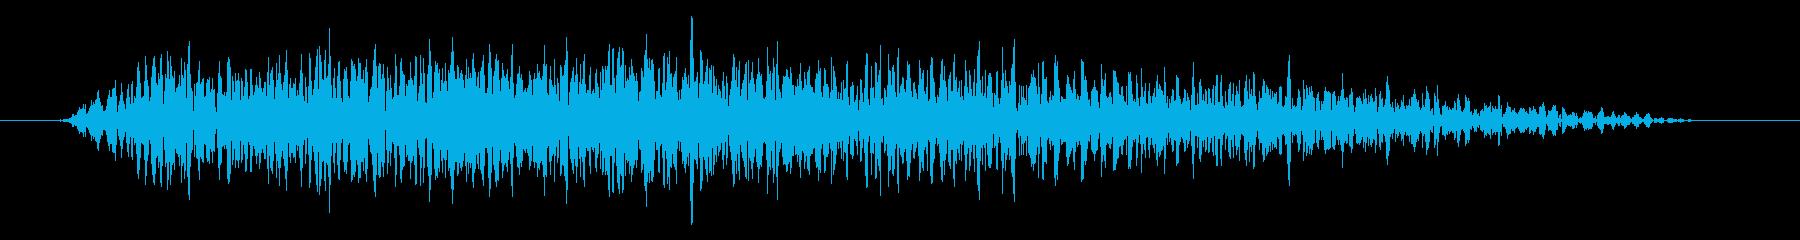 複数人のブーイングの再生済みの波形